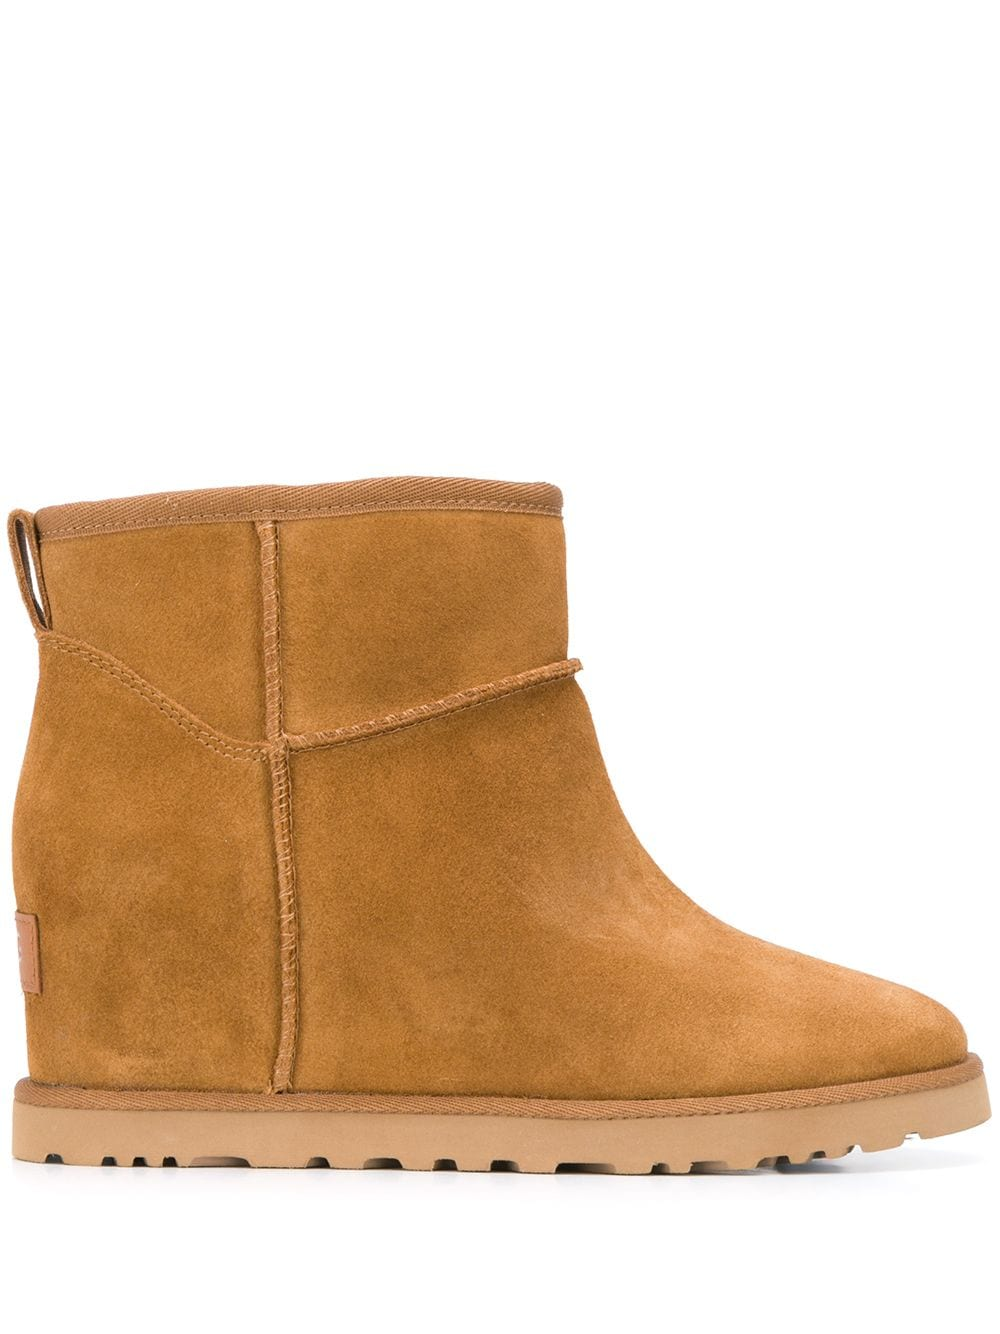 Classic Femme Mini Boots